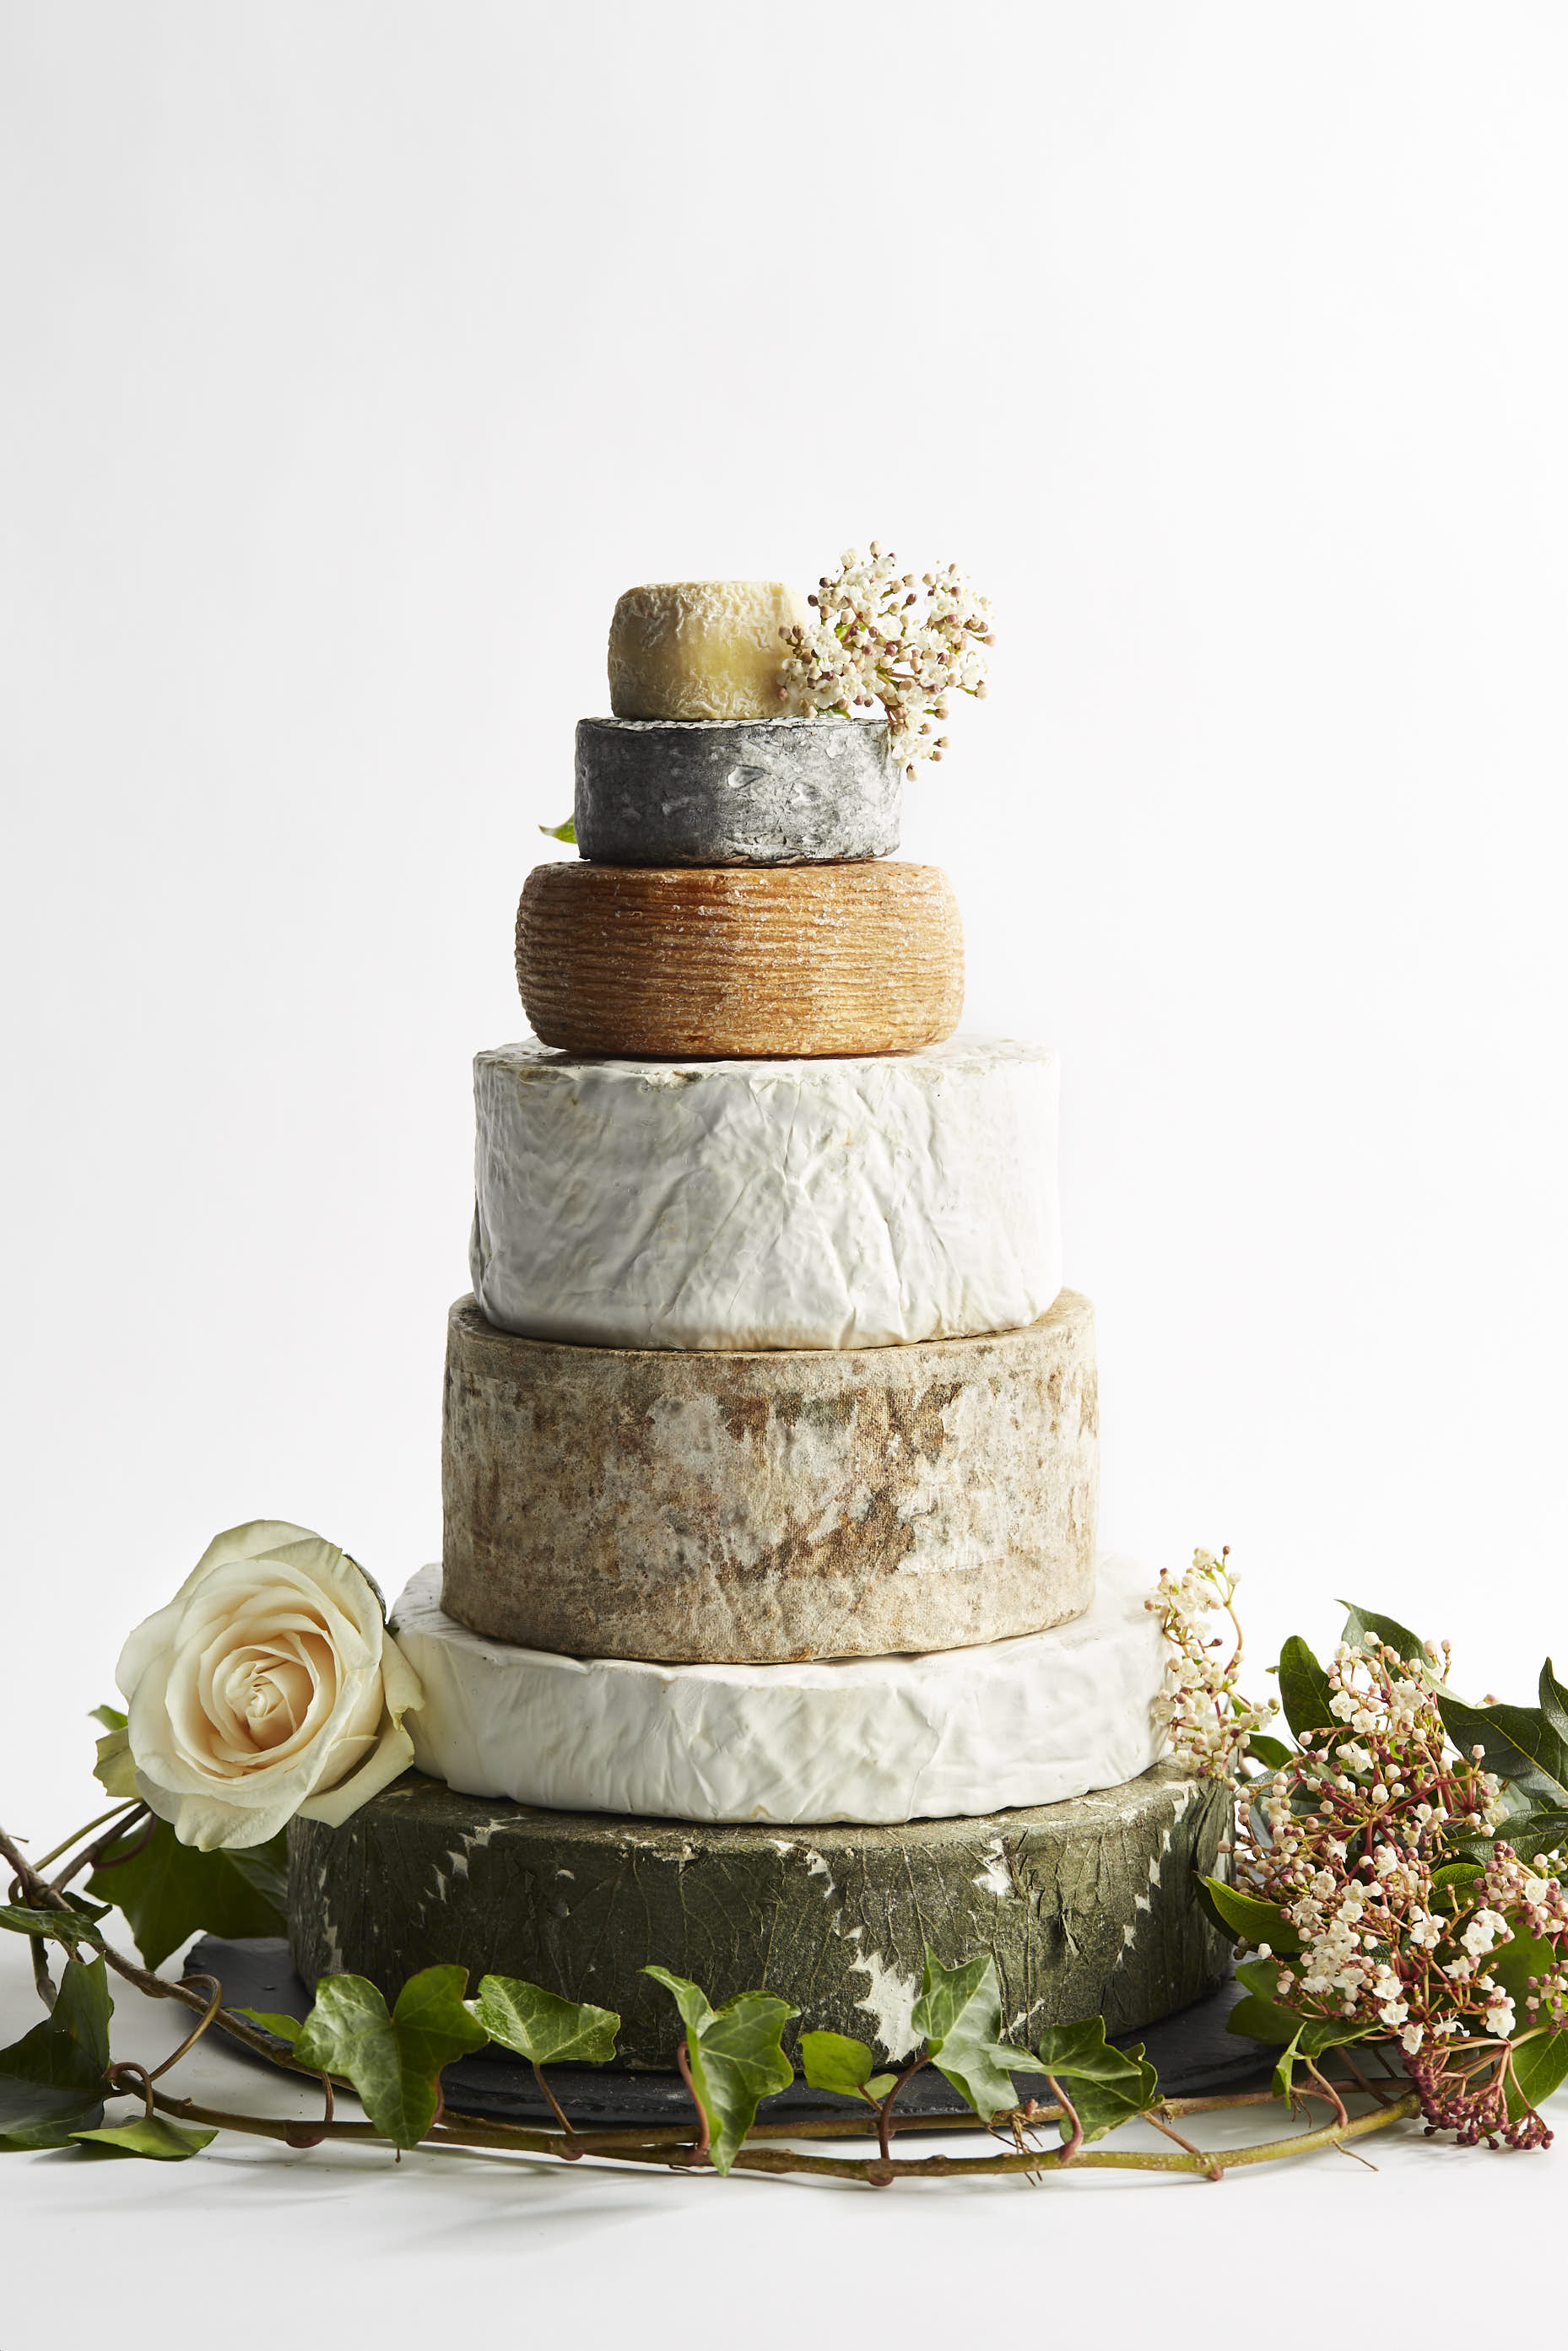 Citadel Cheese Wedding Cake - Formaggi OcelloFormaggi Ocello